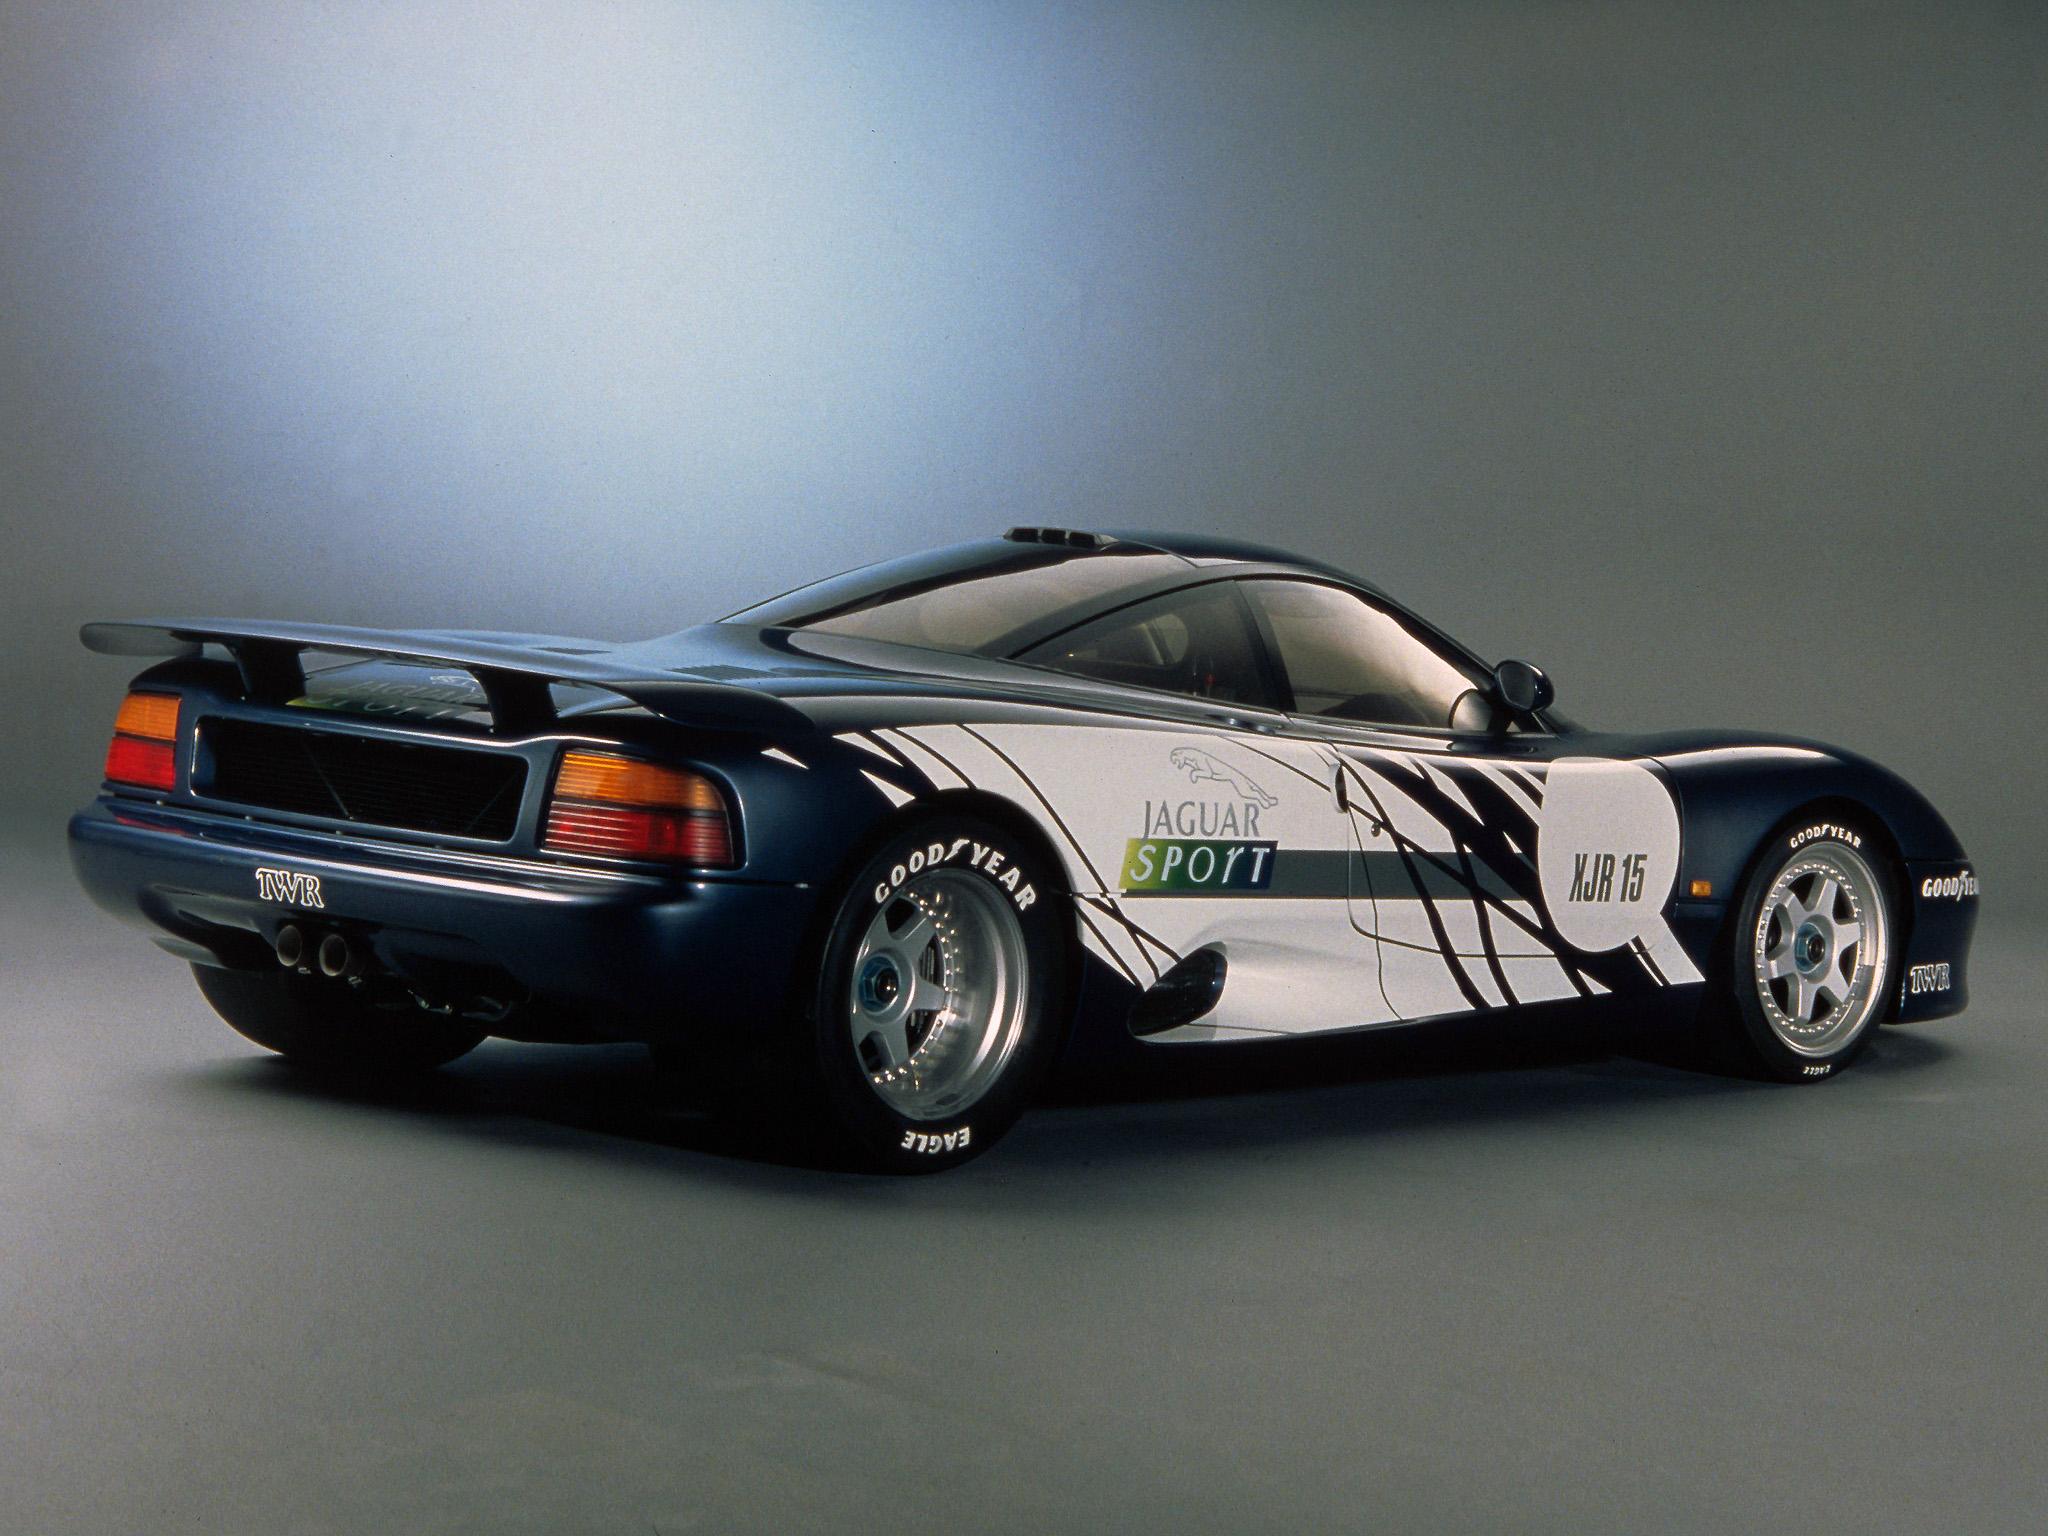 Jaguar Xj Race Car